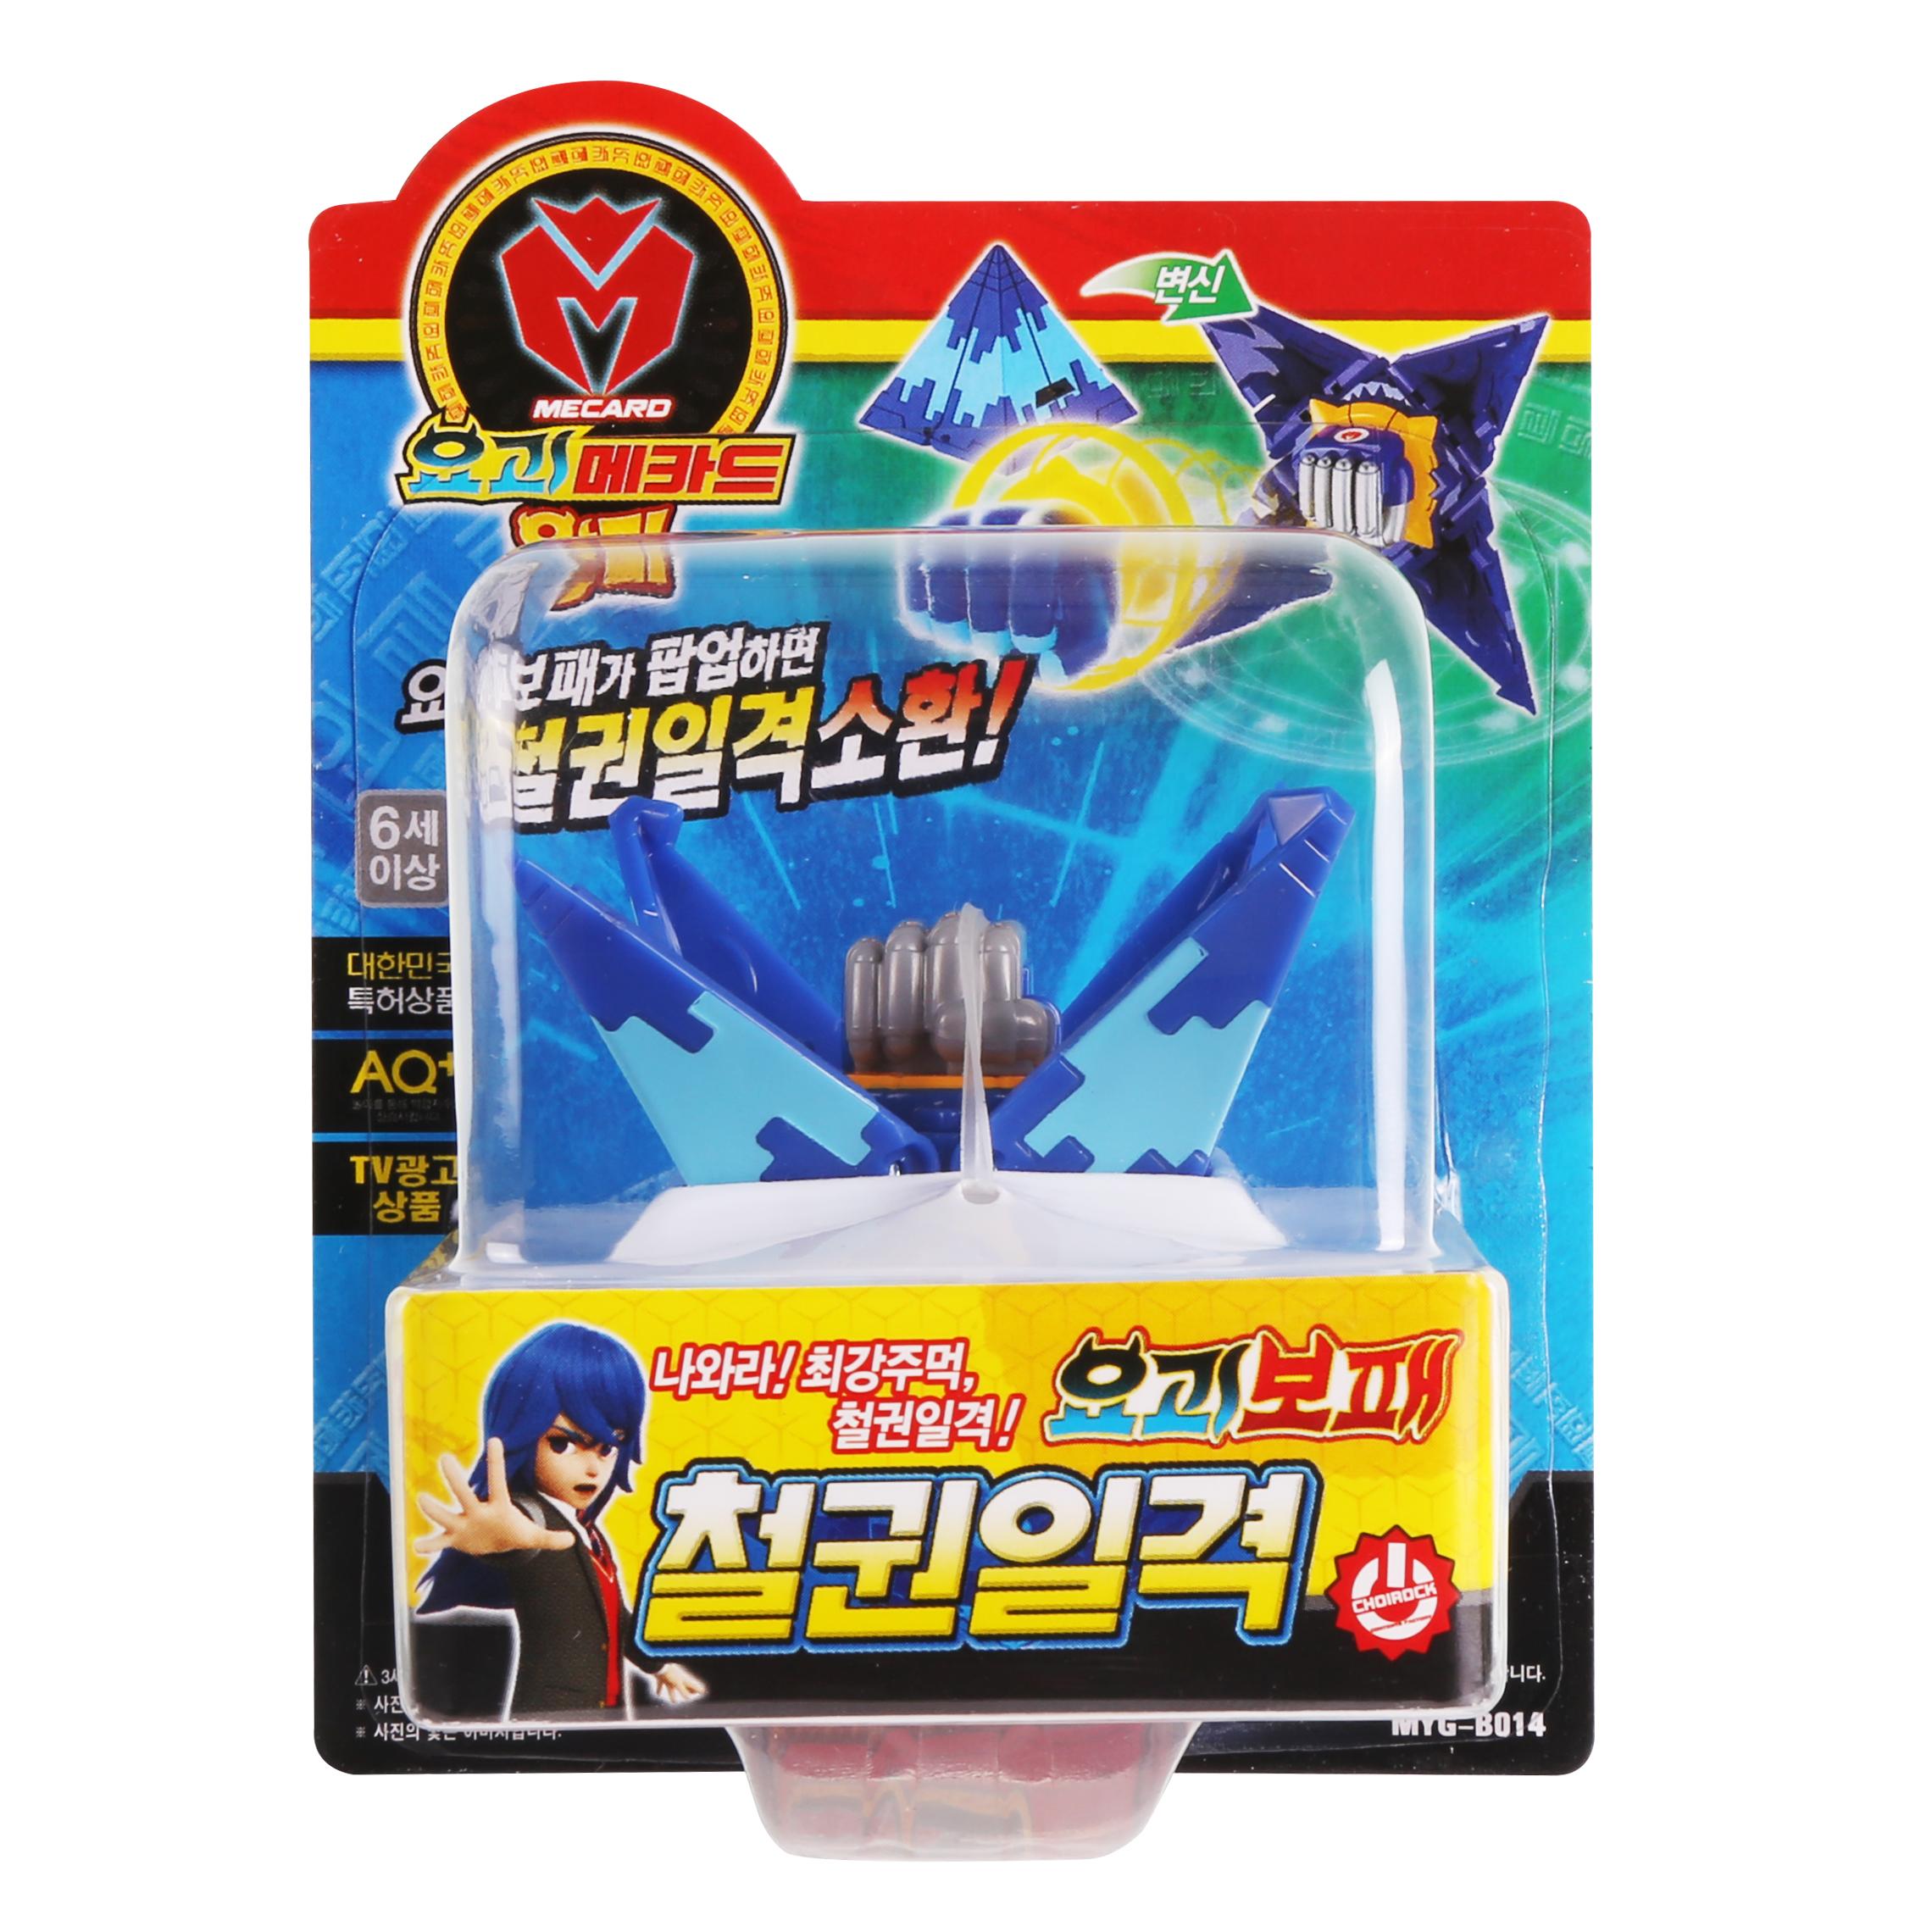 요괴메카드로봇장난감